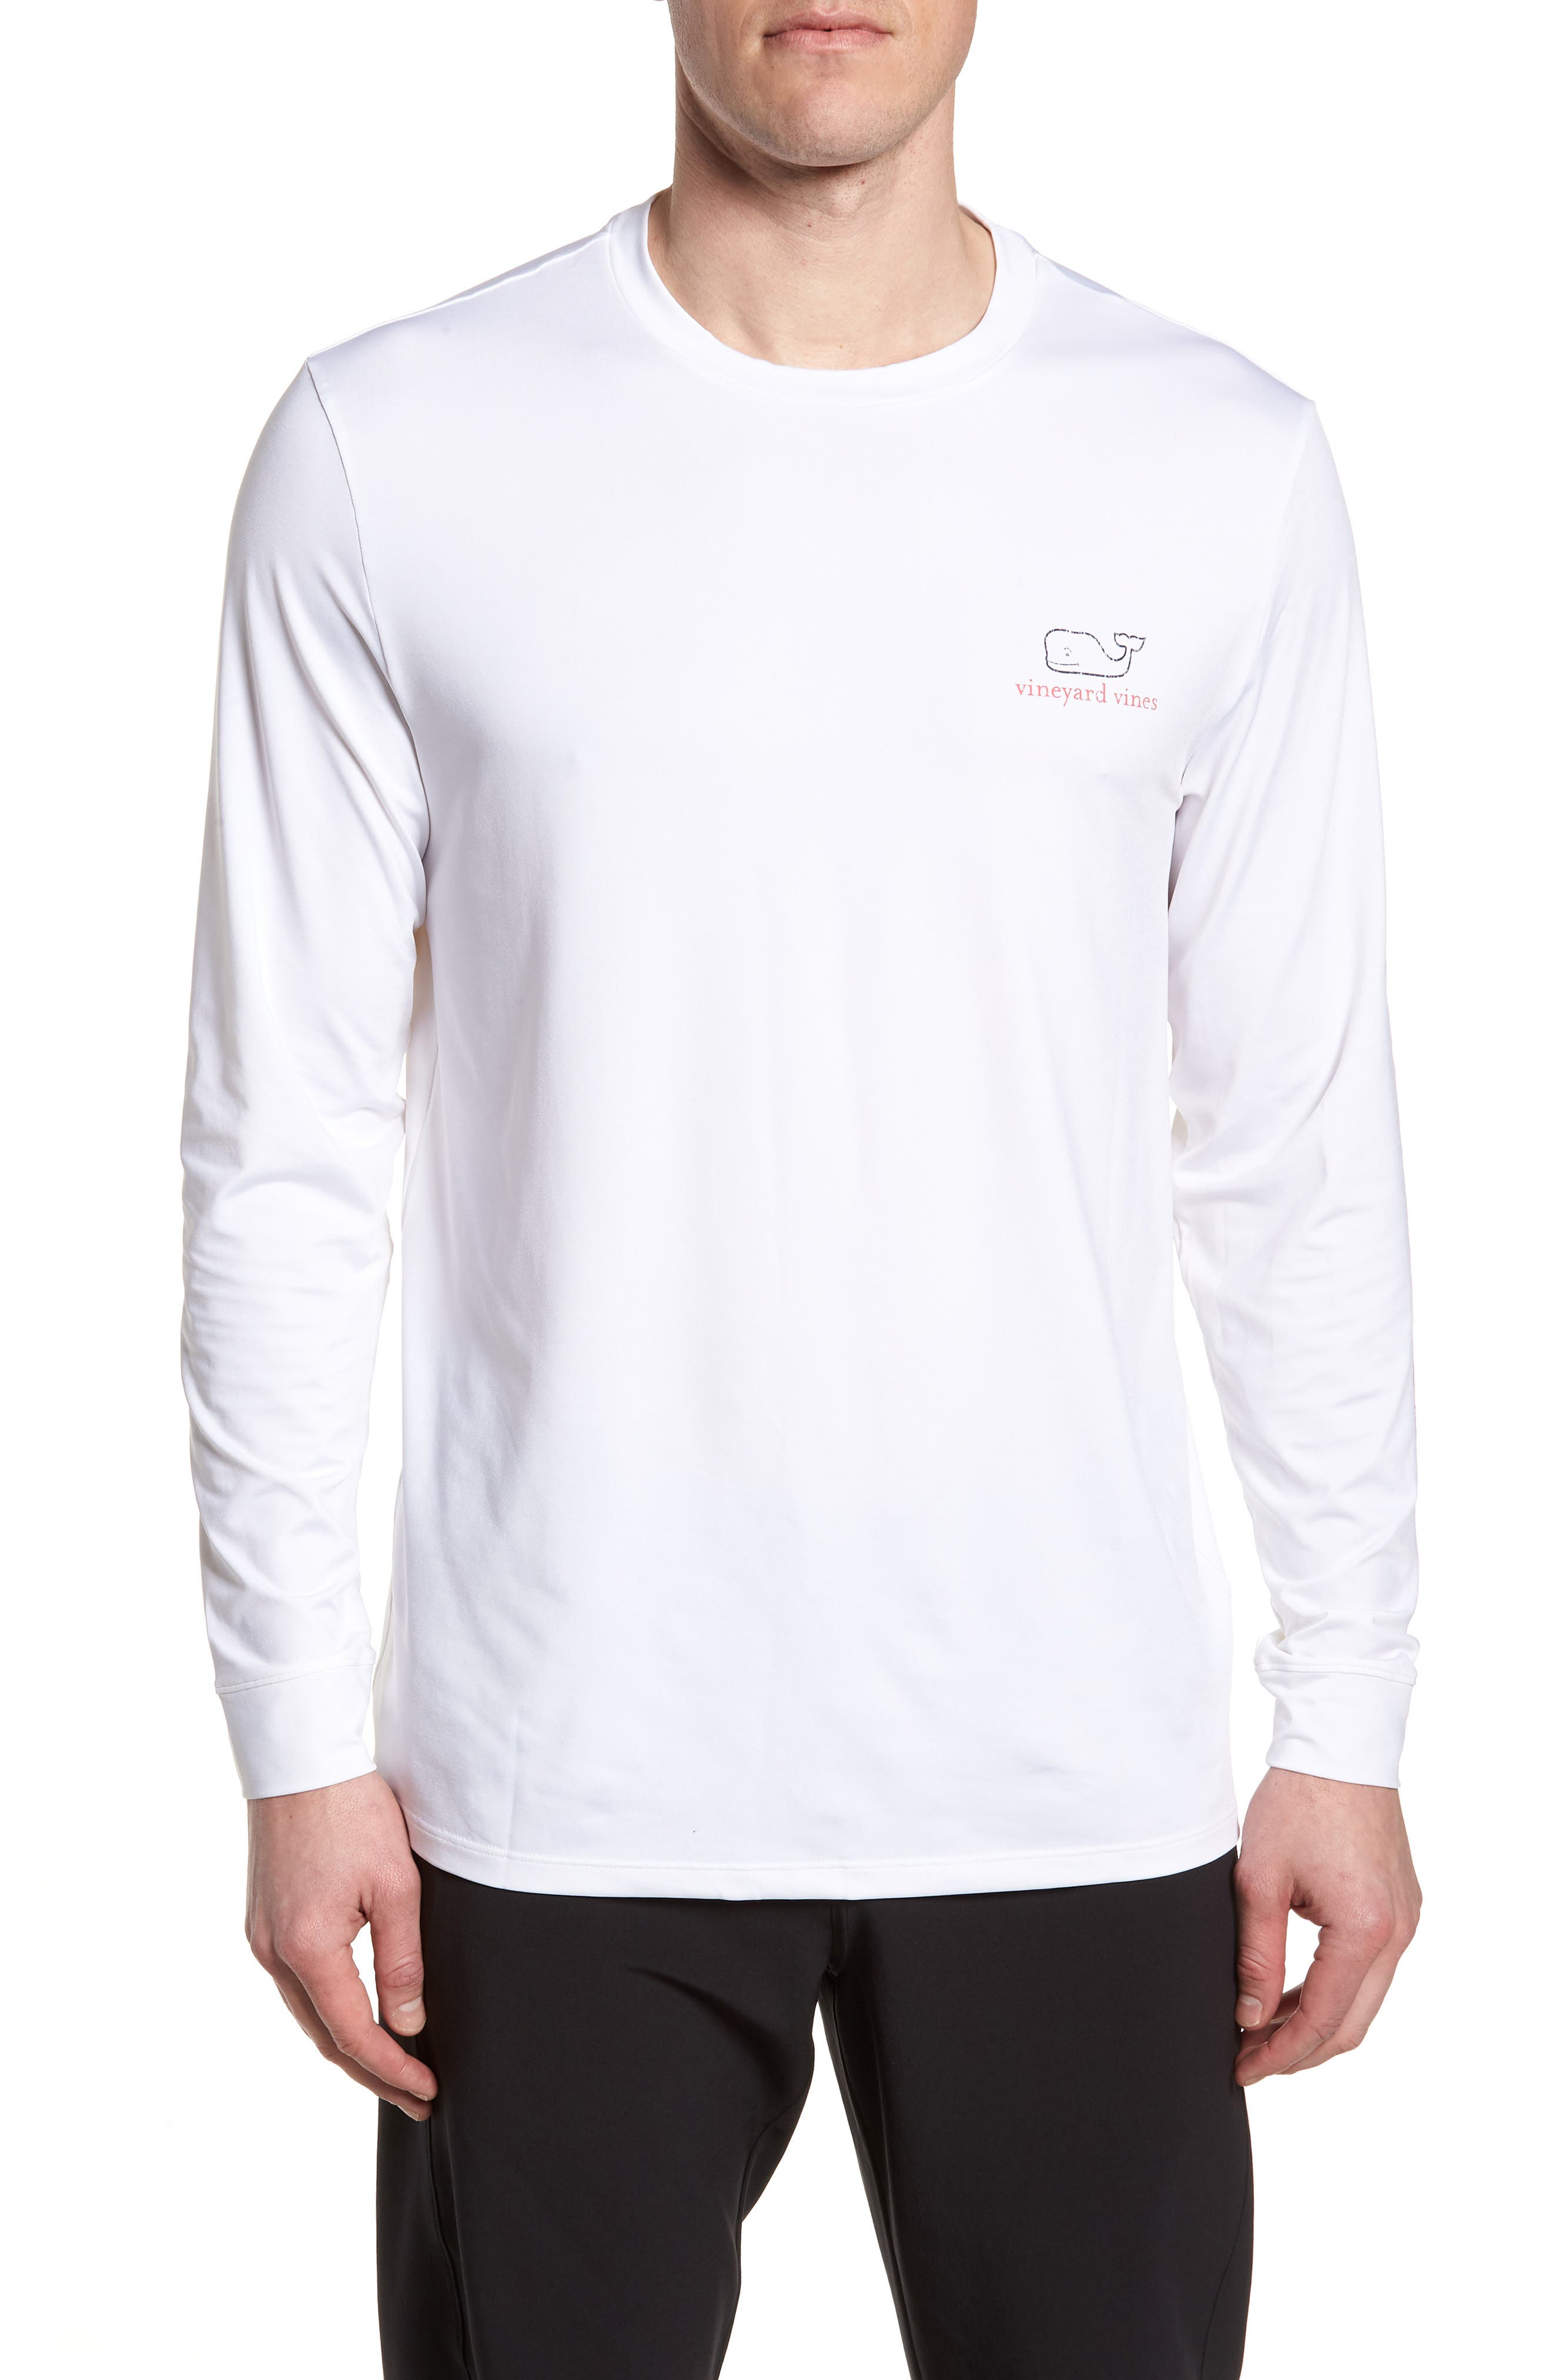 Vintage Whale Performance T-Shirt,                             Main thumbnail 1, color,